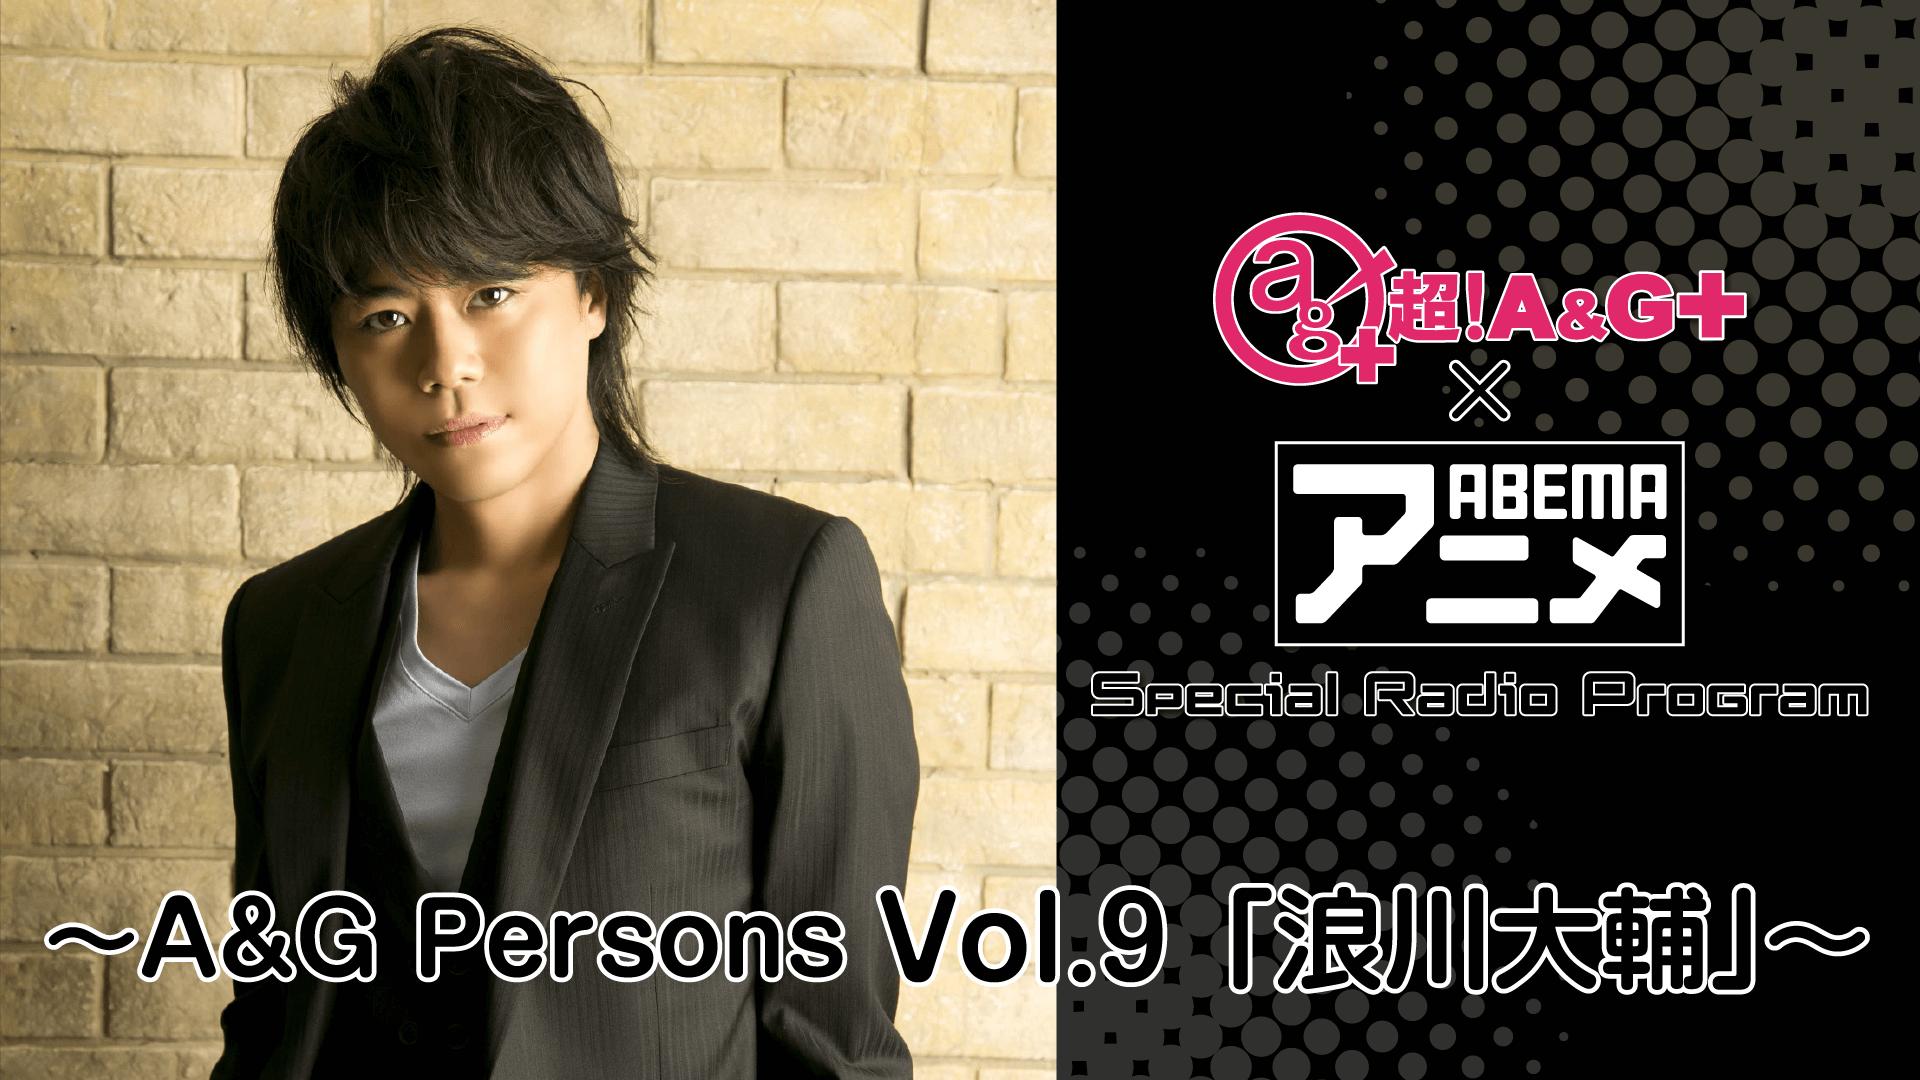 『超!A&G+ × ABEMAアニメ SRP~A&G Persons Vol.9「浪川大輔」~ 後編』アーカイブが配信中!!!